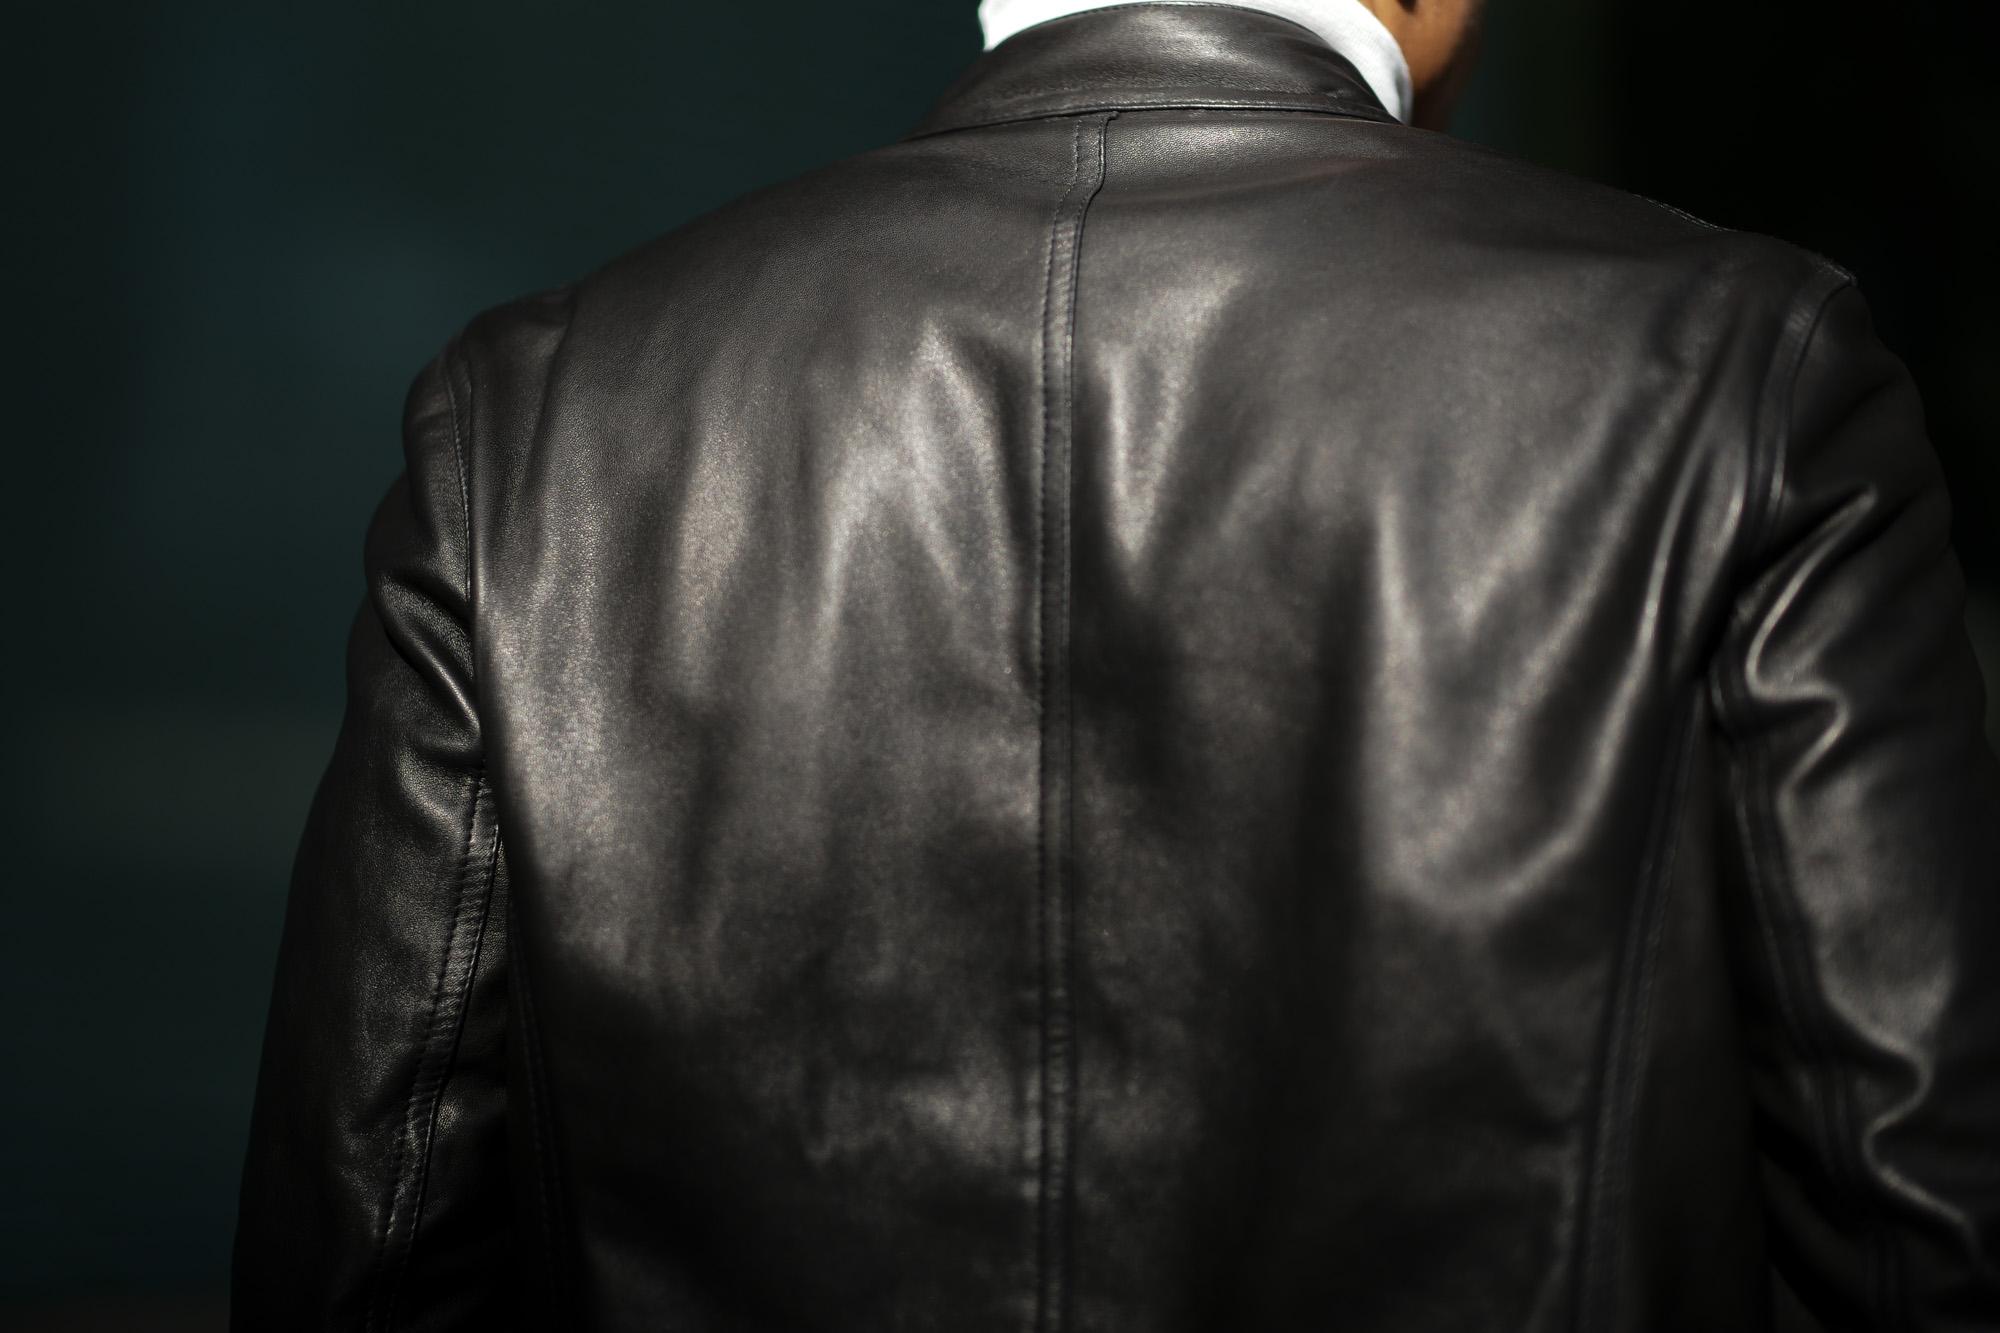 EMMETI(エンメティ) JURI(ユリ) Lambskin nappa Leather シングルライダース レザージャケット NERO (ブラック) made in italy (イタリア製) 2019 春夏【2019年春夏第1便ご予約受付中】愛知 alto e diritto アルトエデリット altoediritto 干場さん 干場着 ユーリ